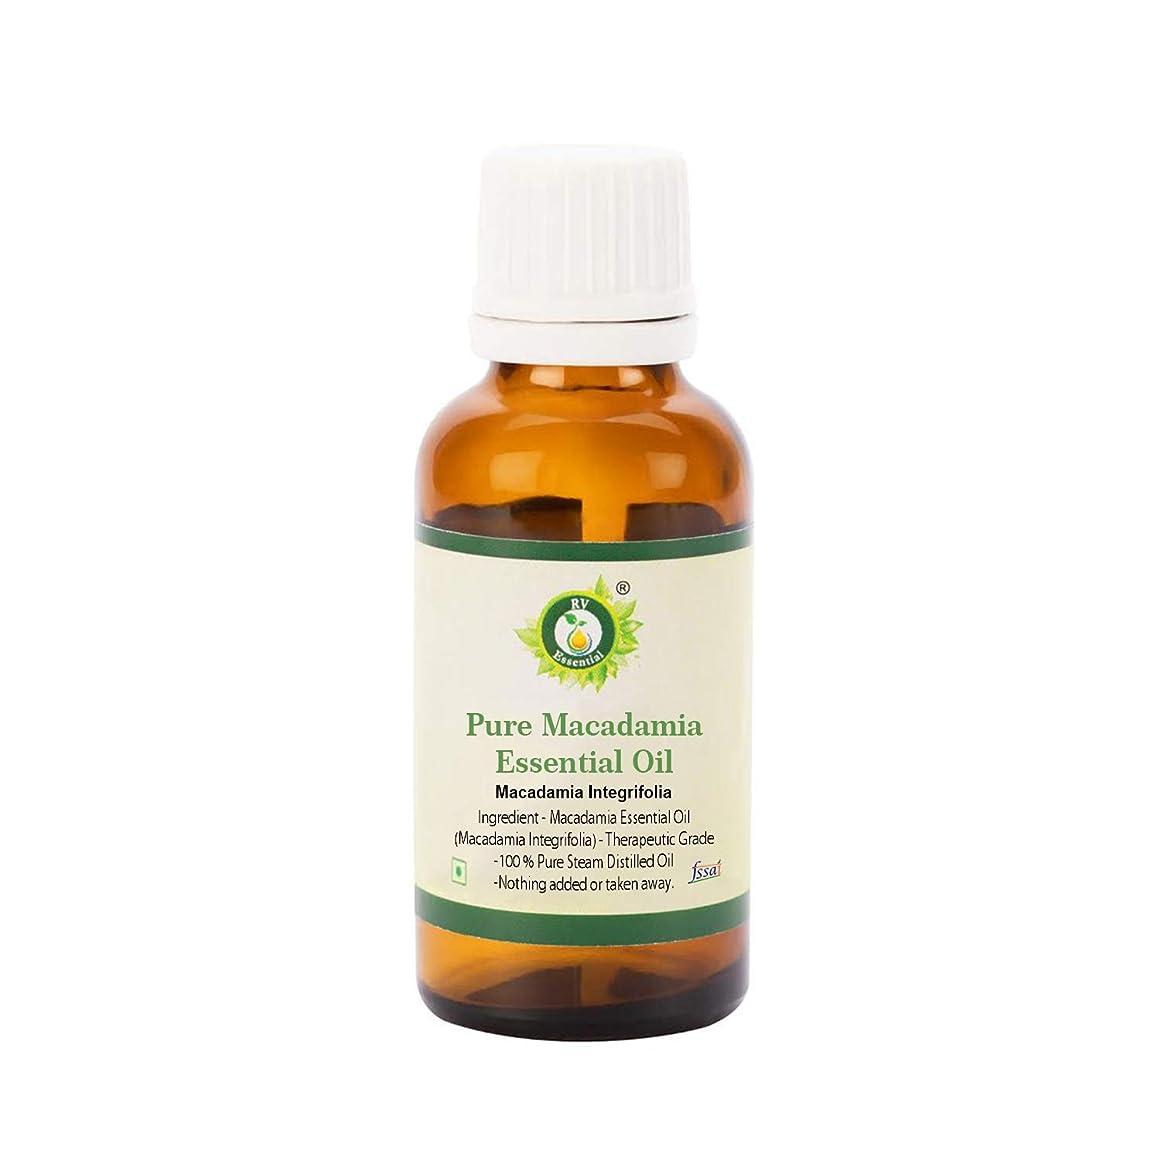 退屈代わりの厳しいR V Essential ピュアマカデミアエッセンシャルオイル5ml (0.169oz)- Macadamia Integrifolia (100%純粋&天然スチームDistilled) Pure Macadamia Essential Oil